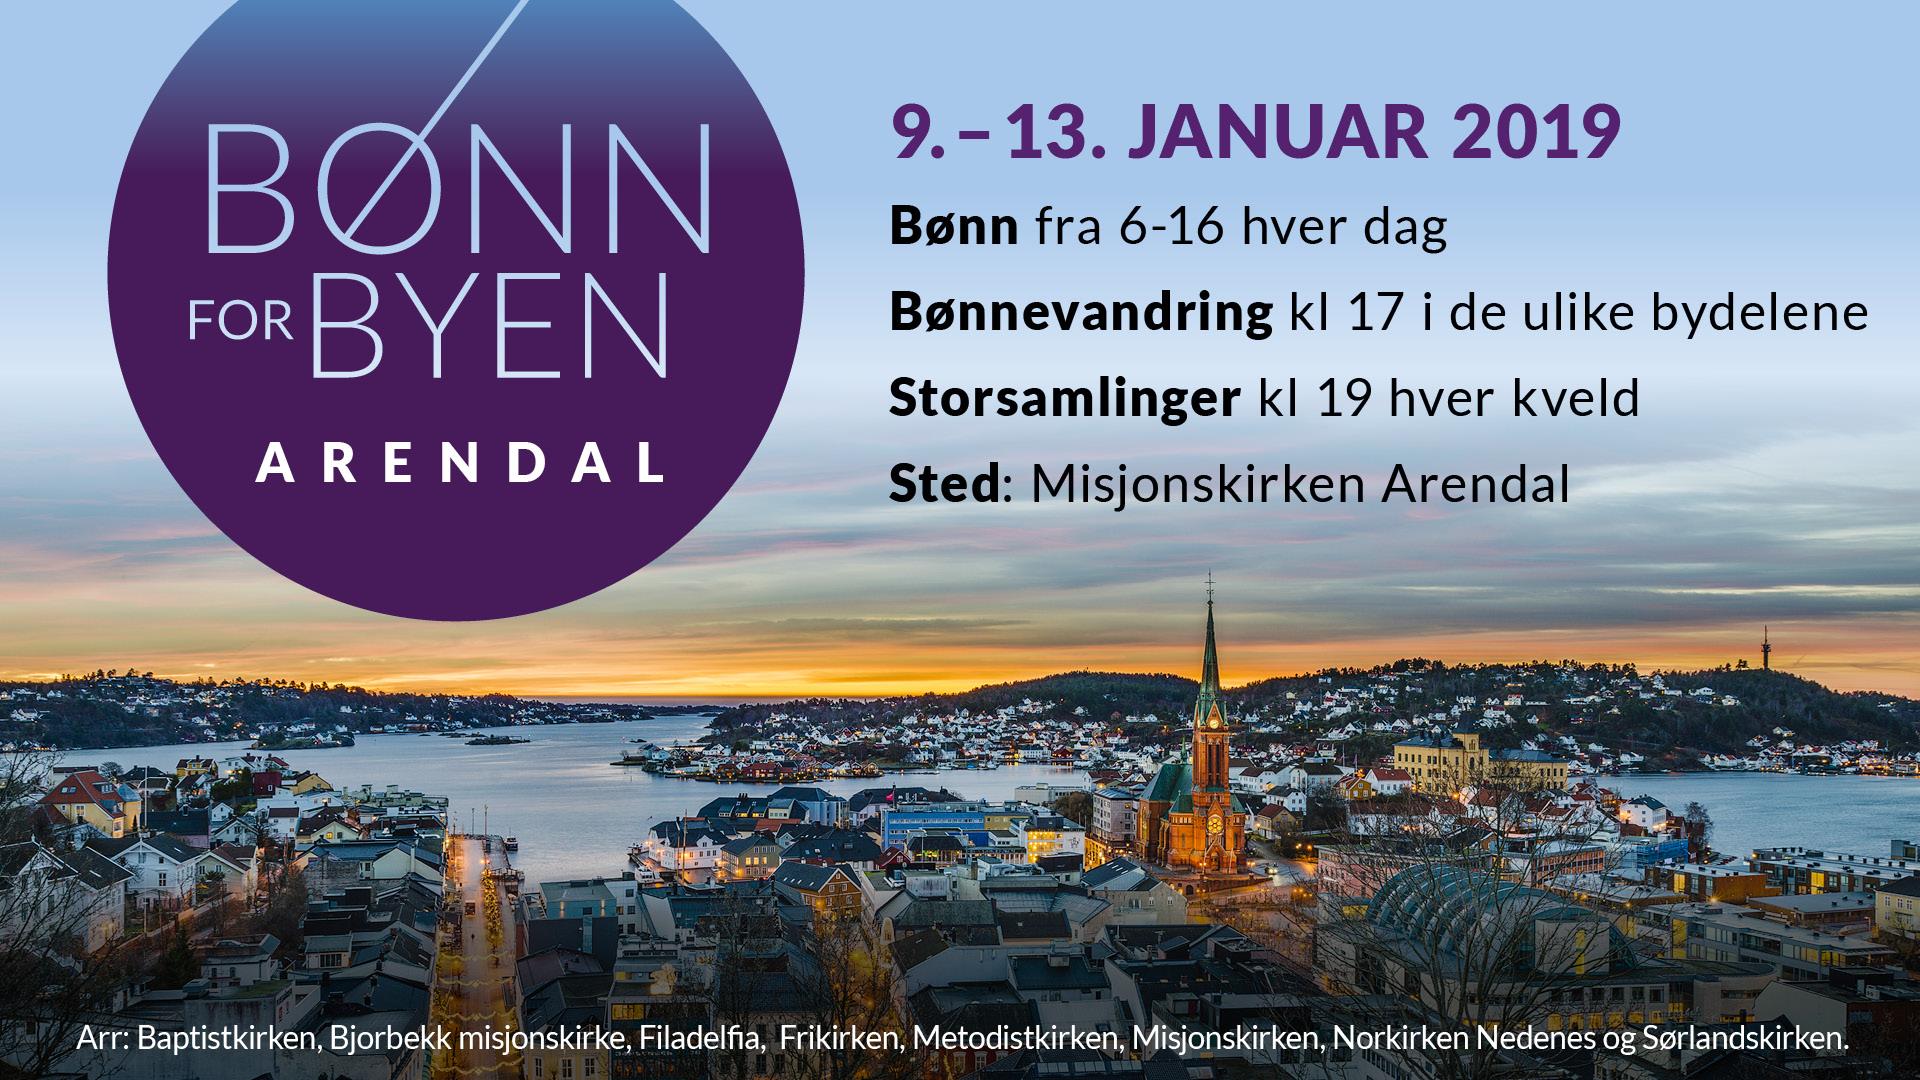 Bønn For Byen Arendal JAN19 Gjeldende Slide